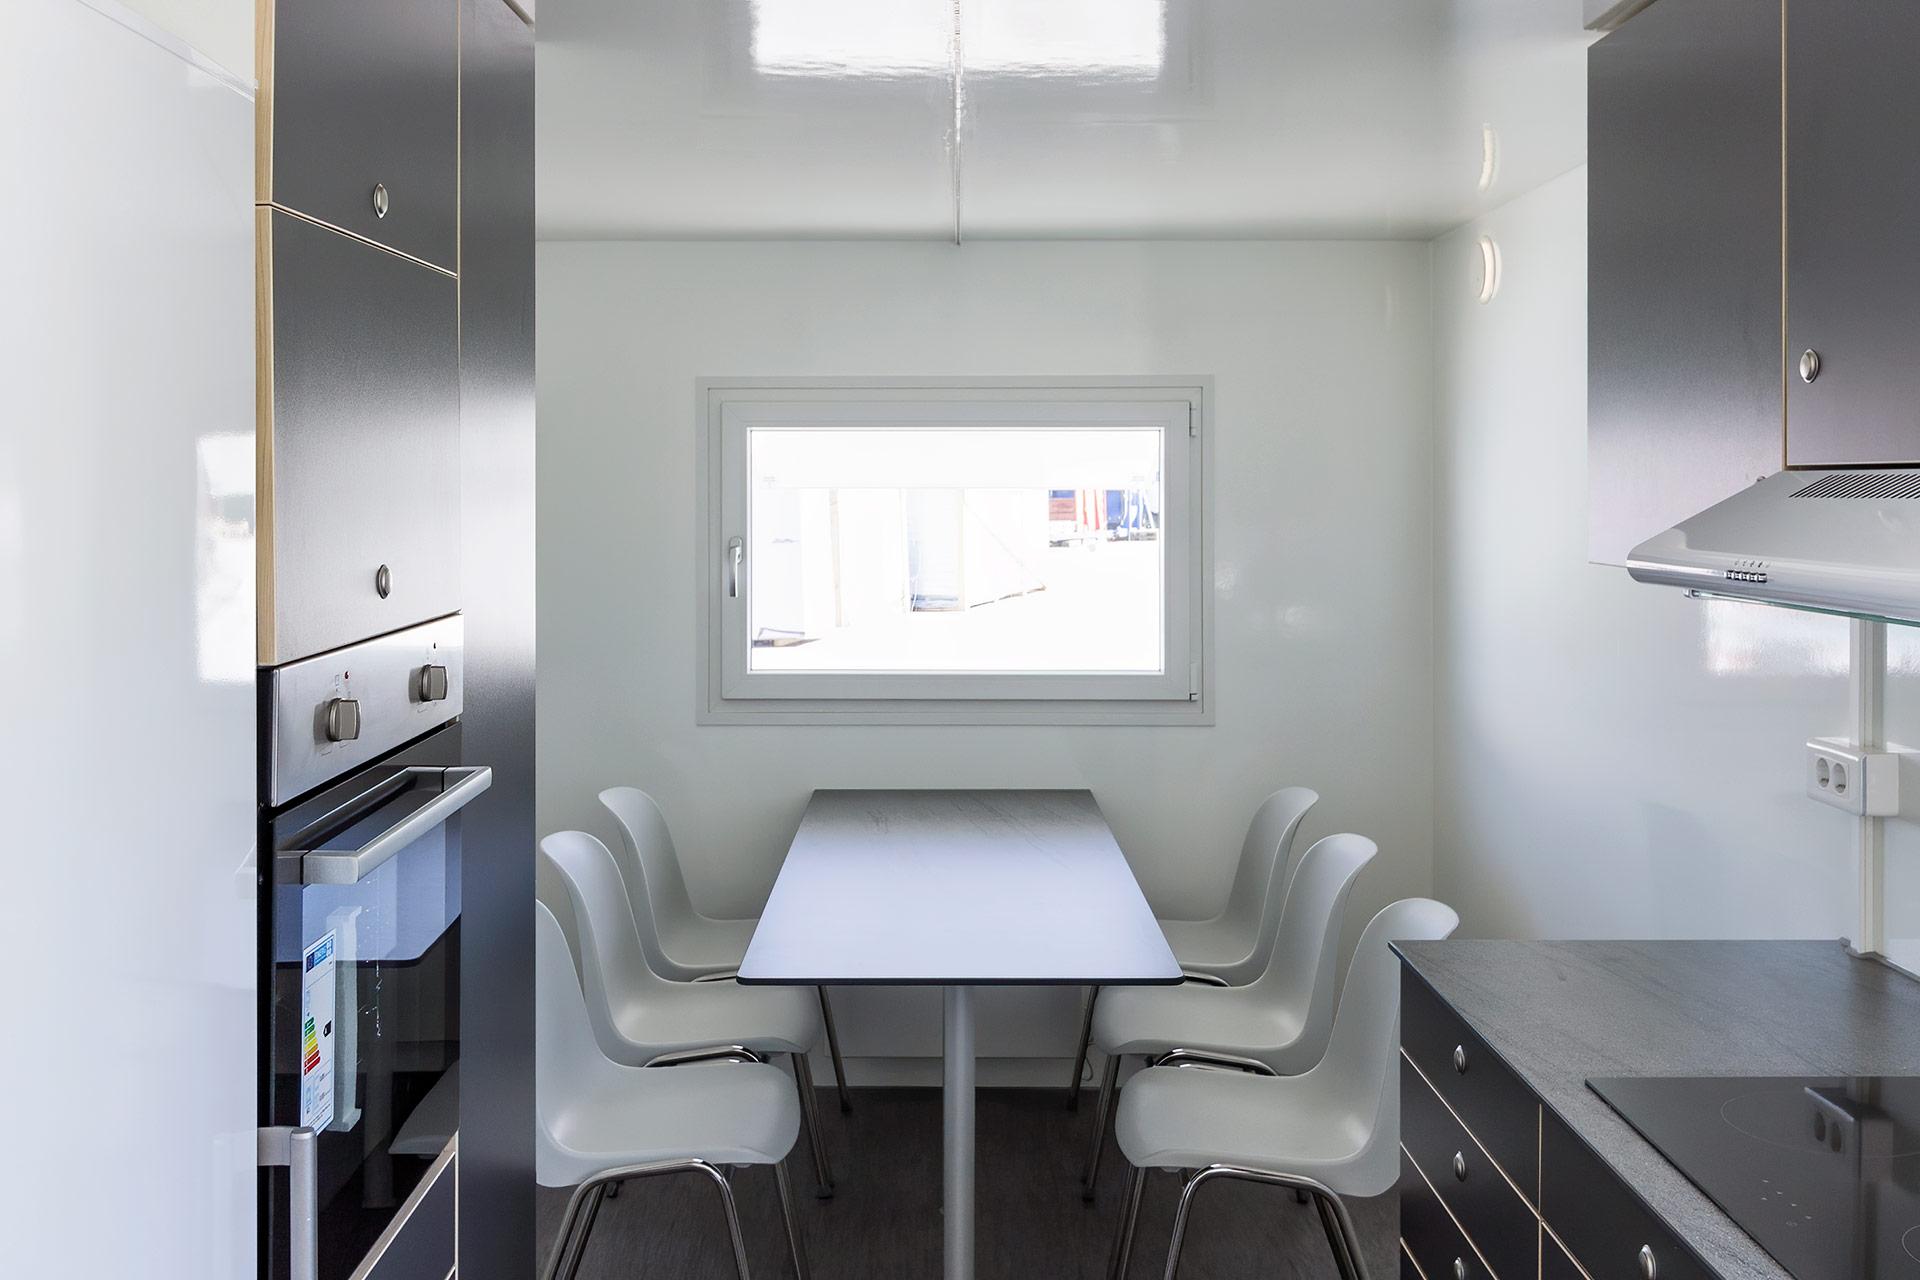 Køkkenvogn spiseområde